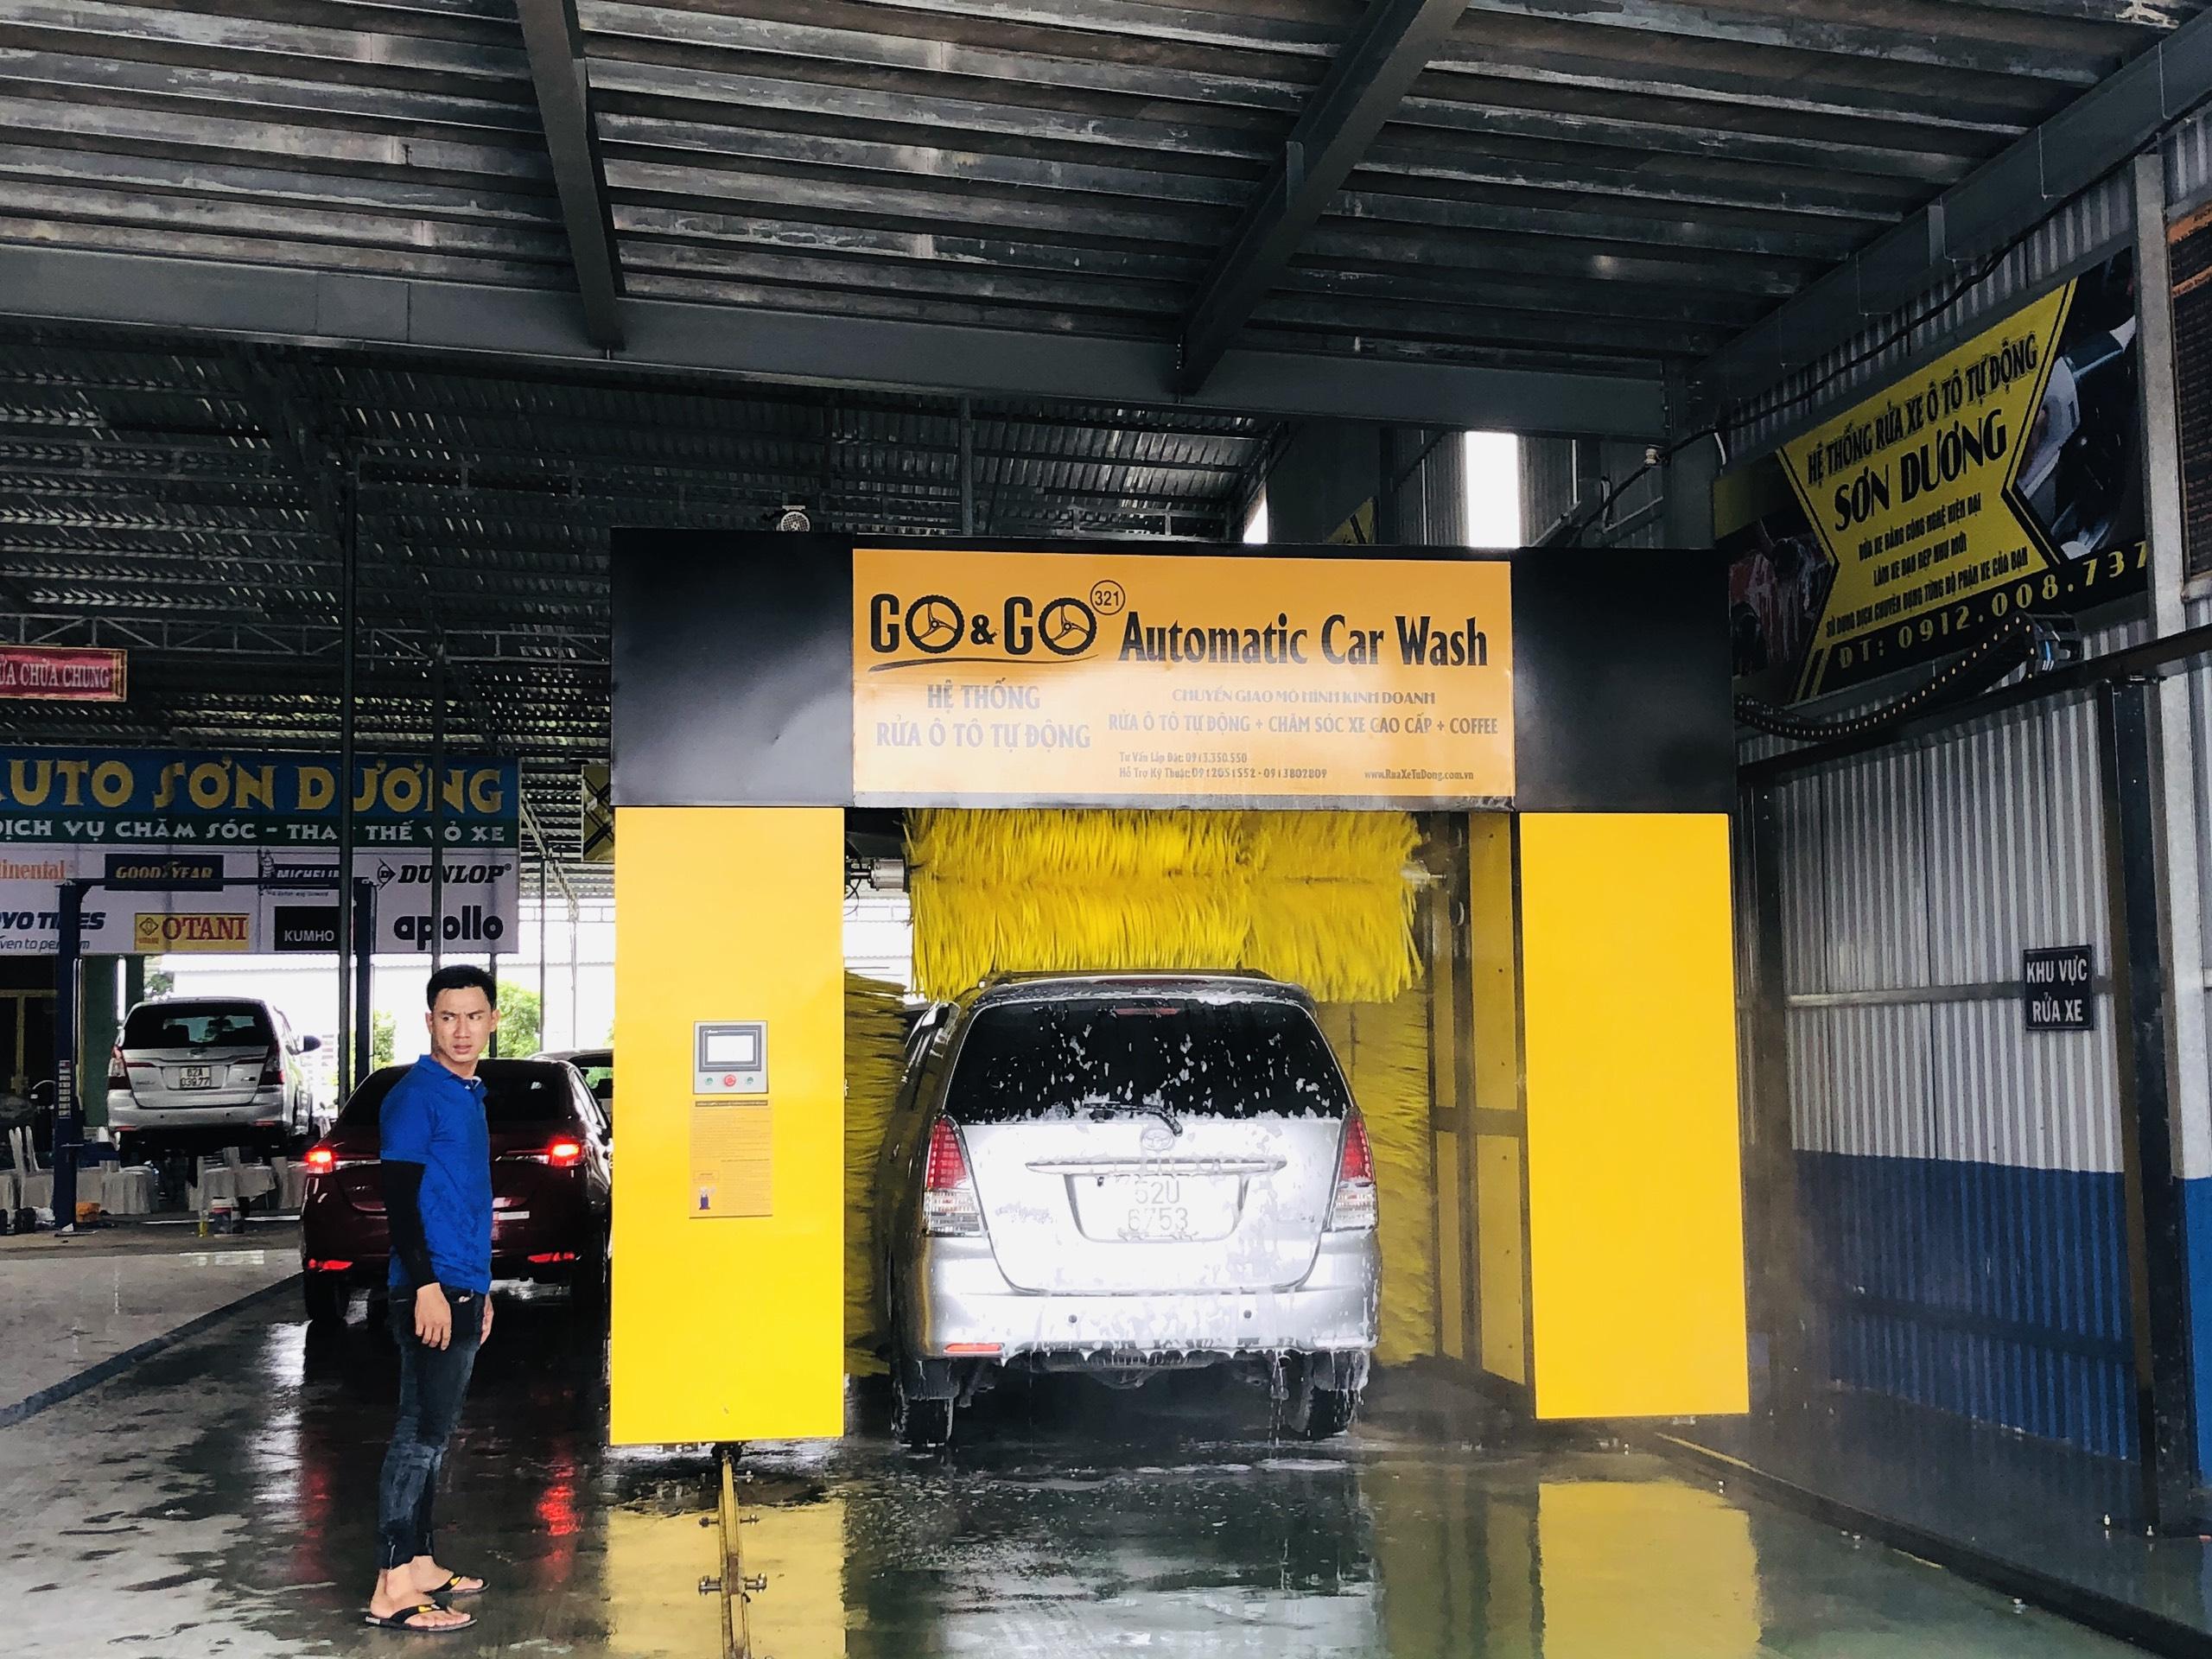 Mở tiệm rửa ô tô